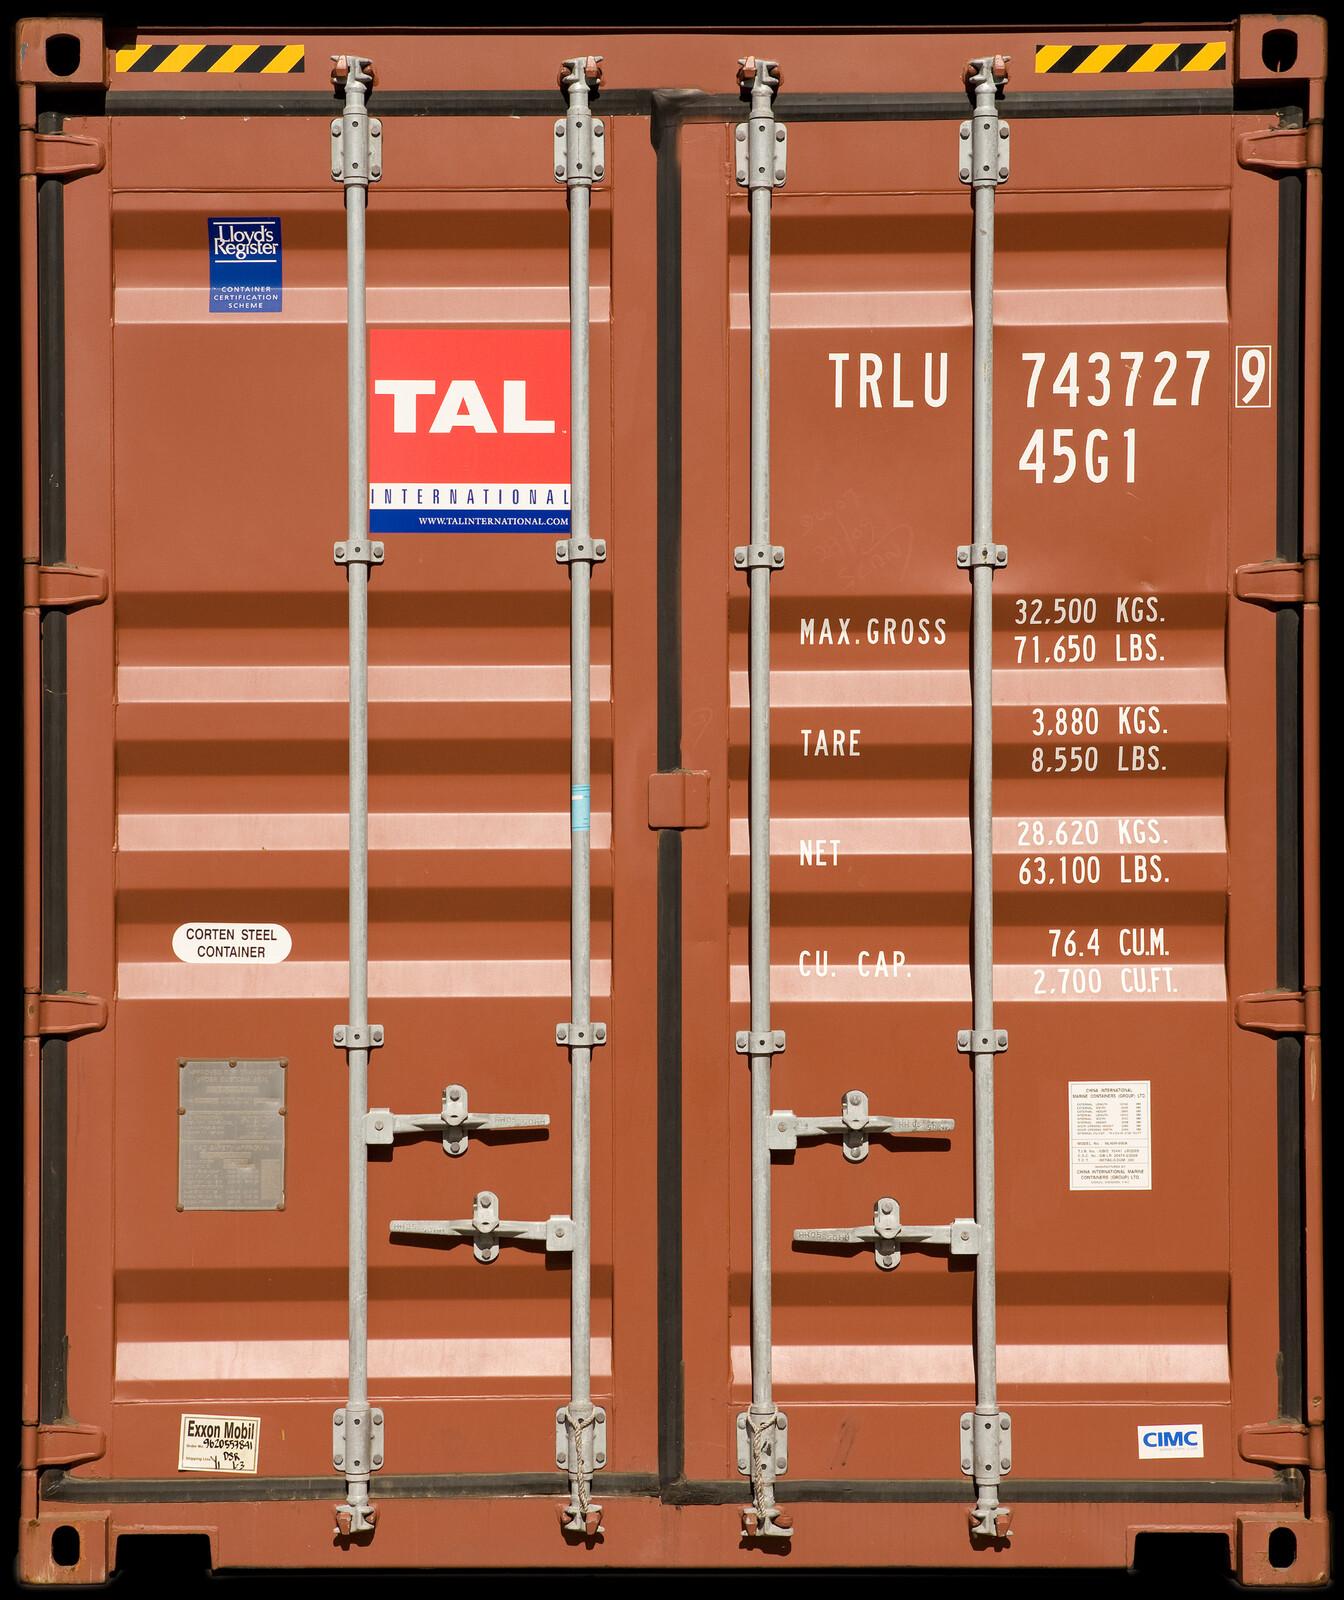 TRLU 7437279 - Thomas Eigel